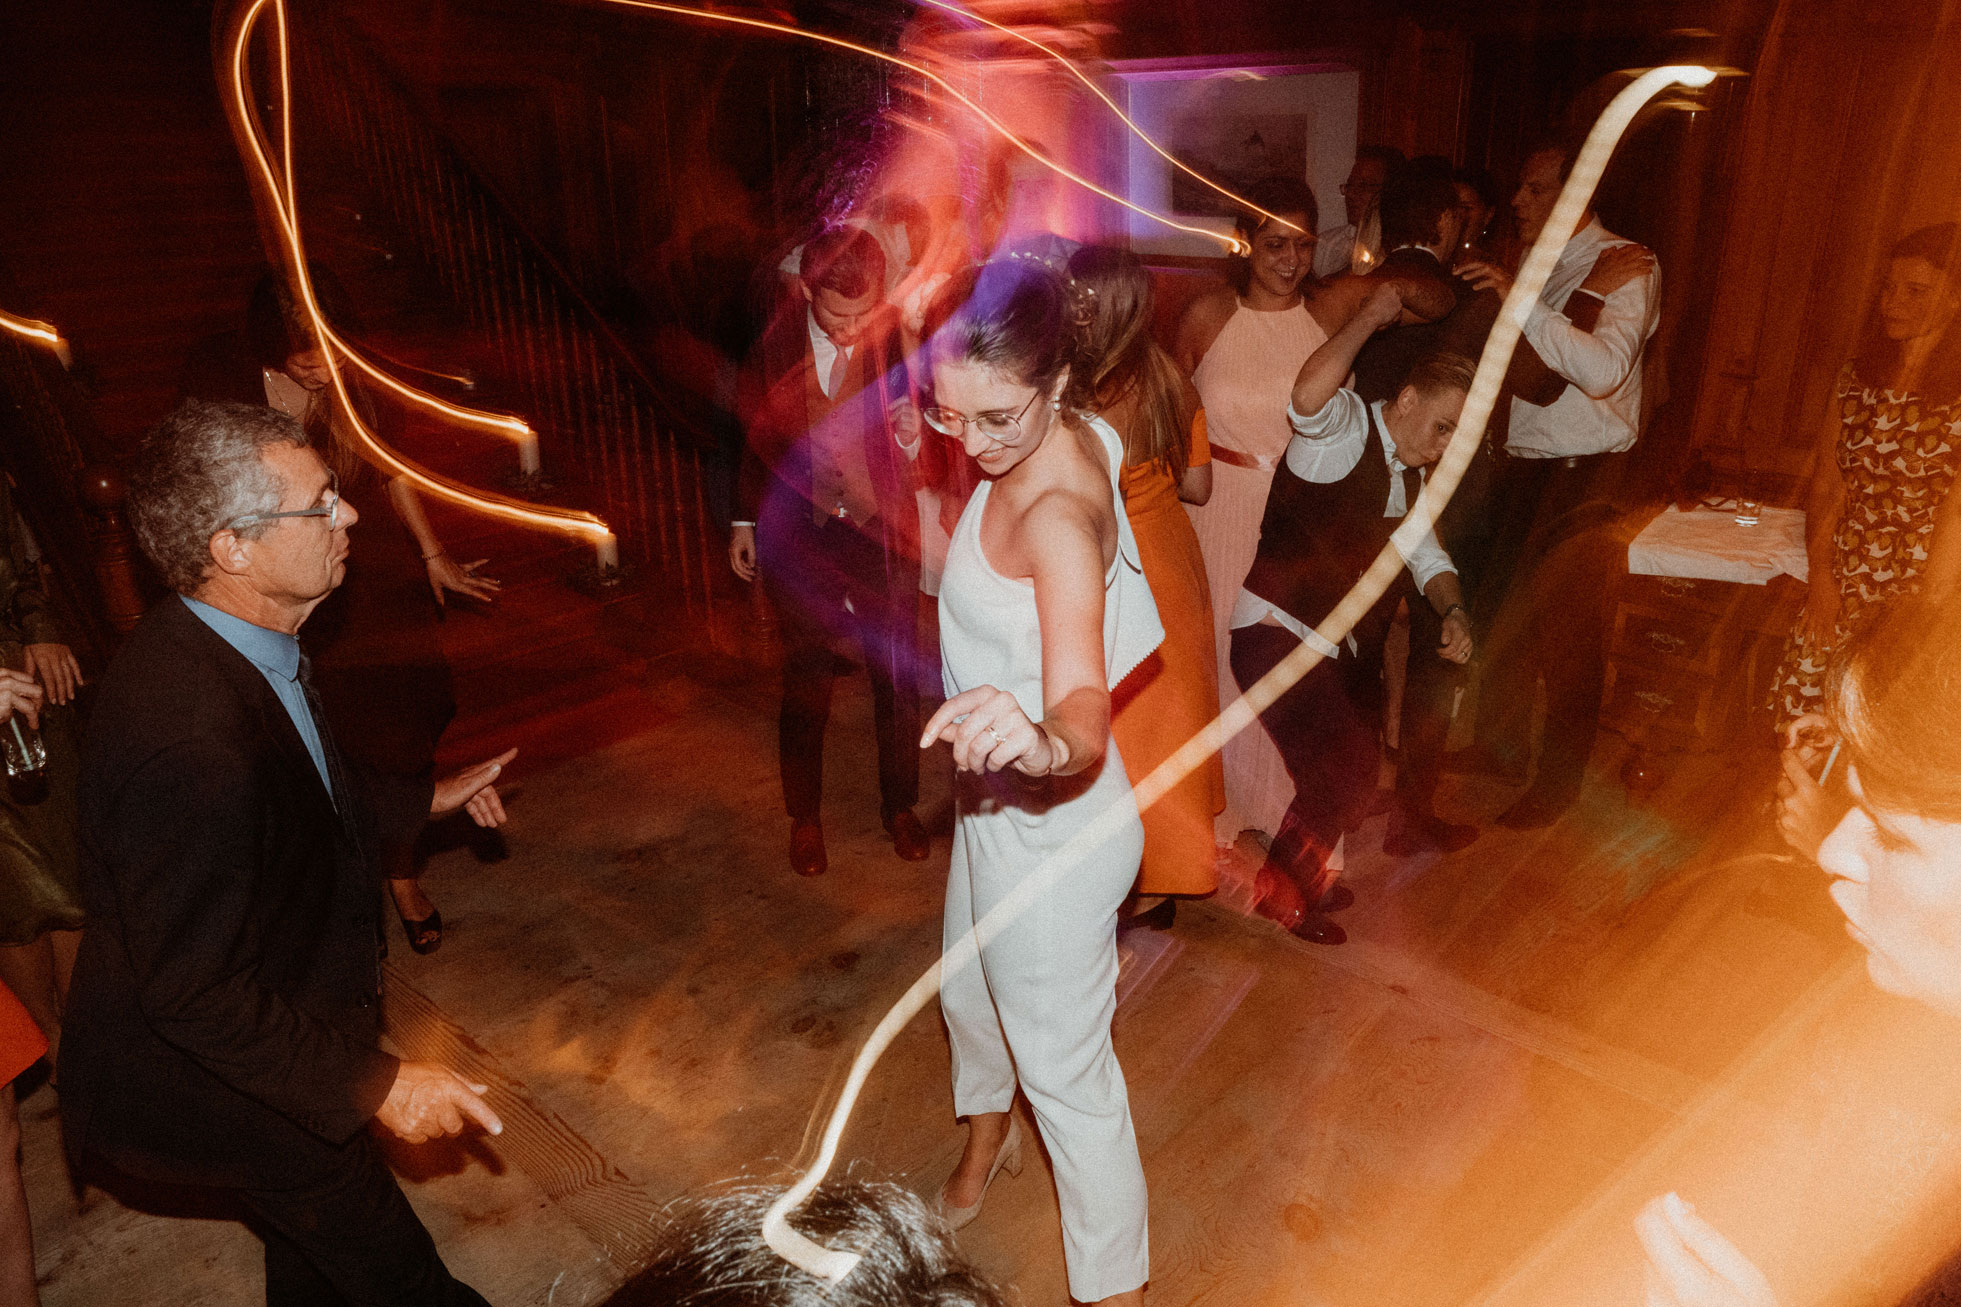 Hochzeit_Claire_Manuel_Villa_Maund_Daniel_Jenny-616.jpg